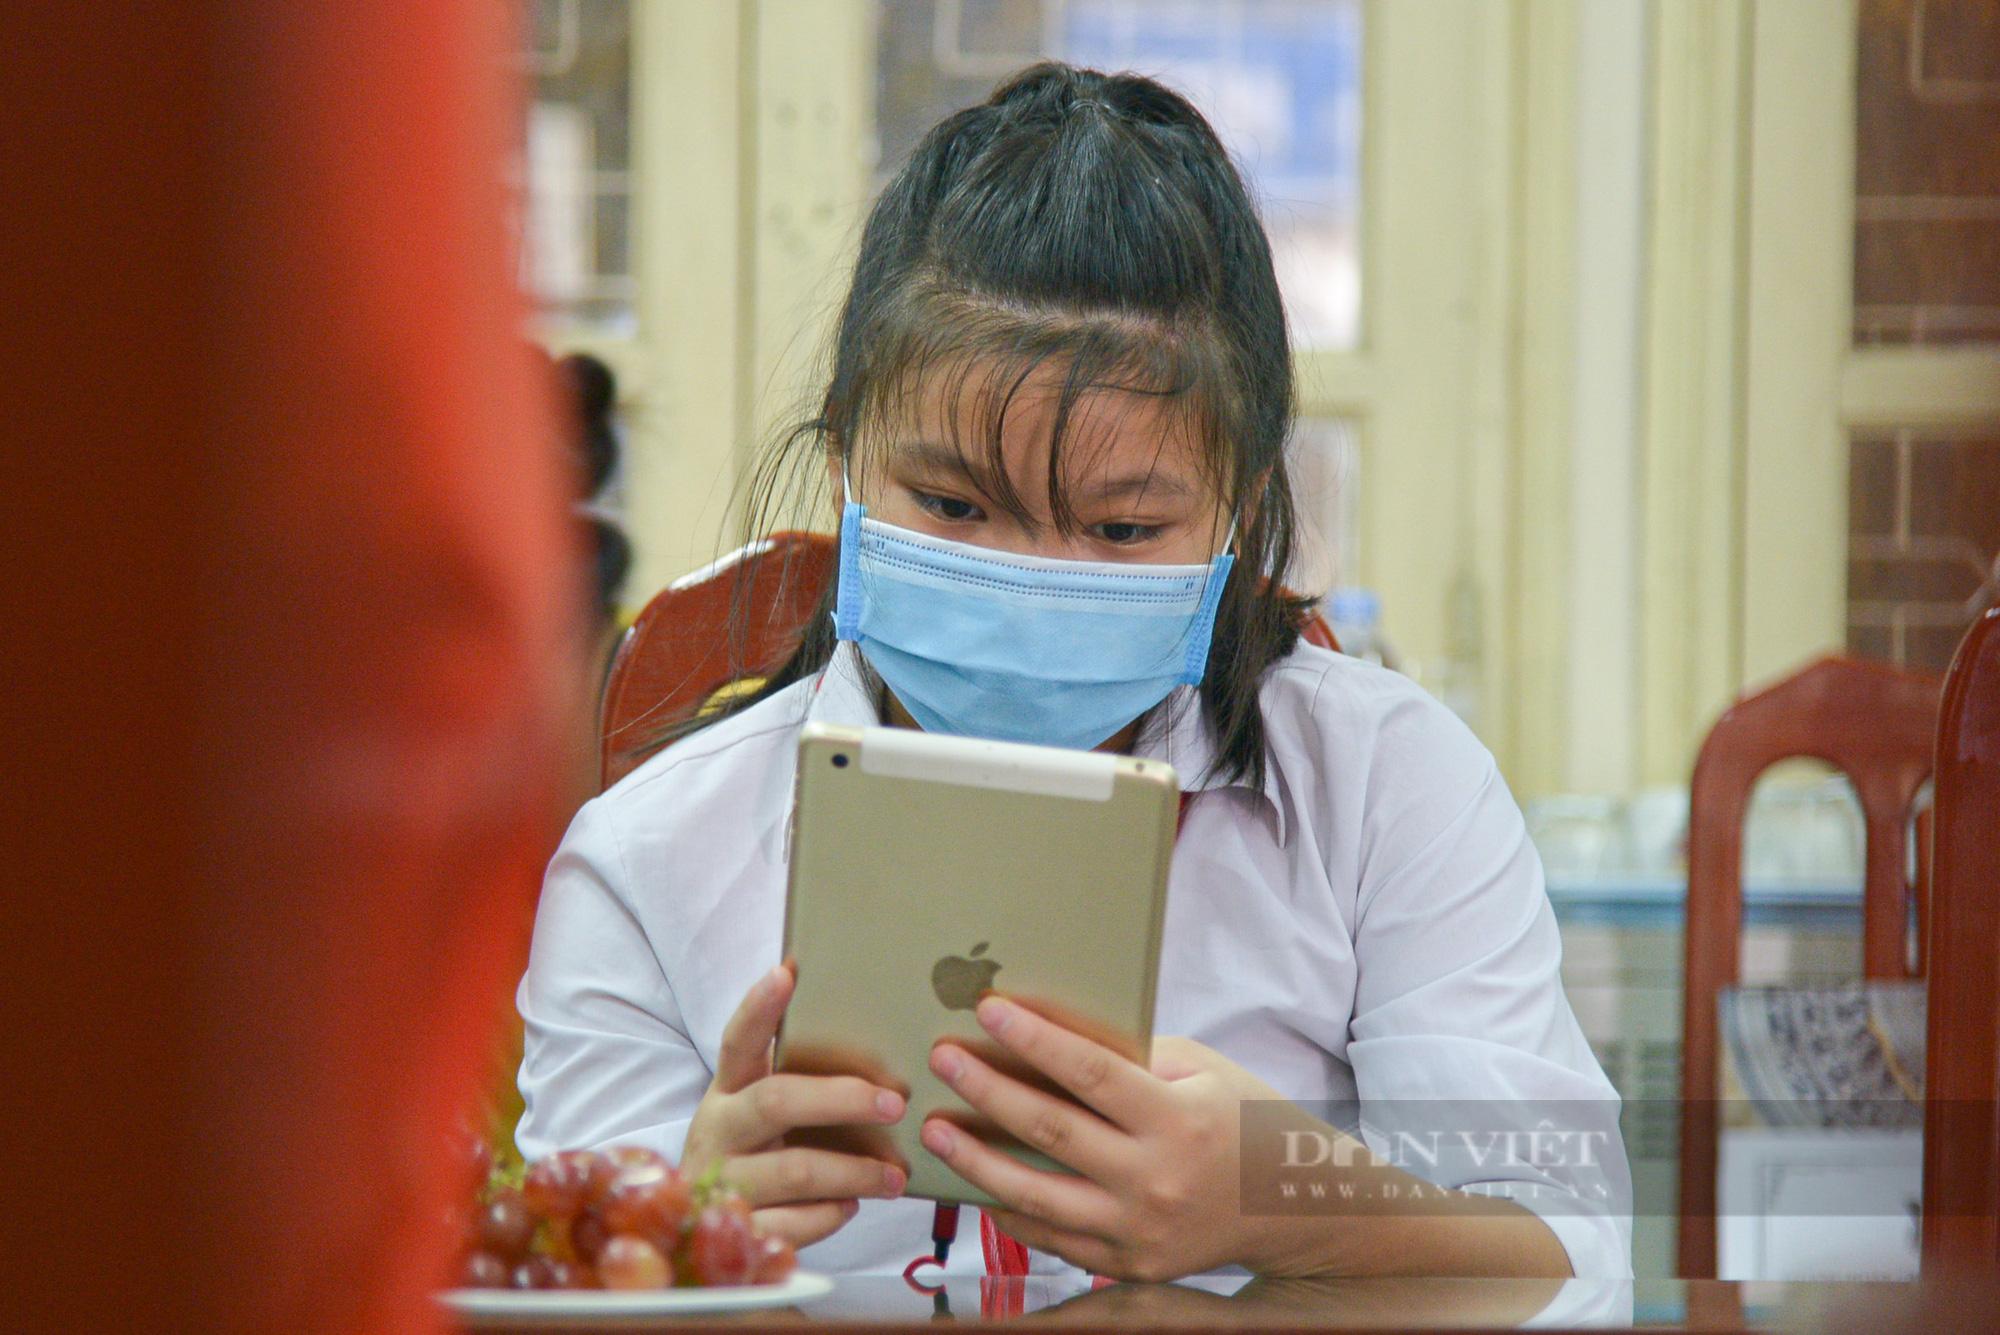 Hà Nội: Tặng máy tính cho trẻ em nghèo học online - Ảnh 3.